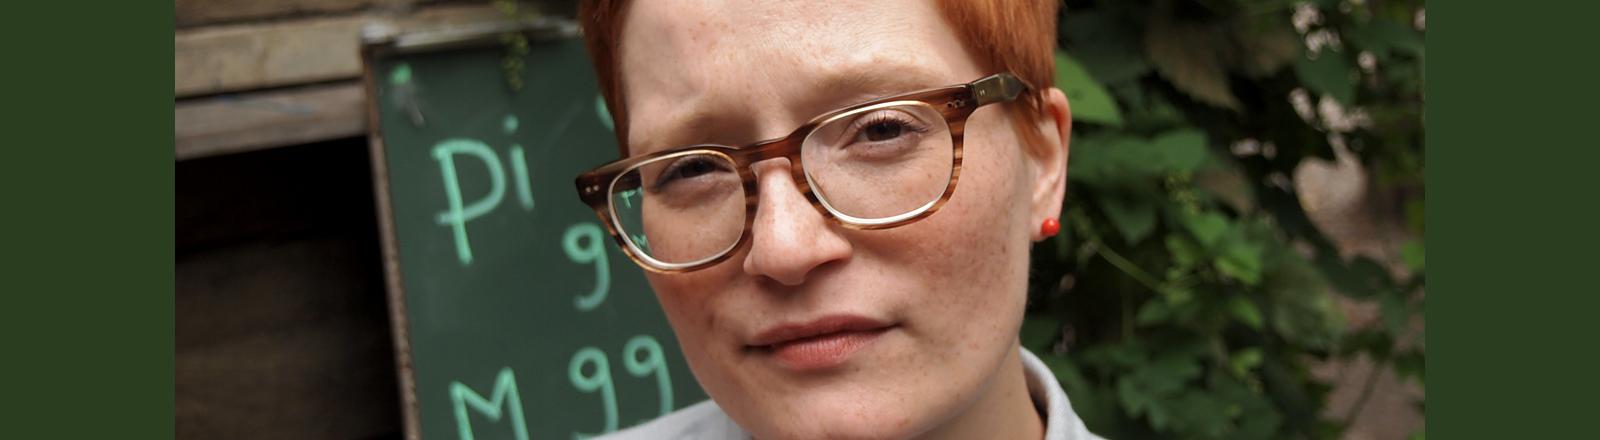 Frau mit kurzen Haaren und Brille